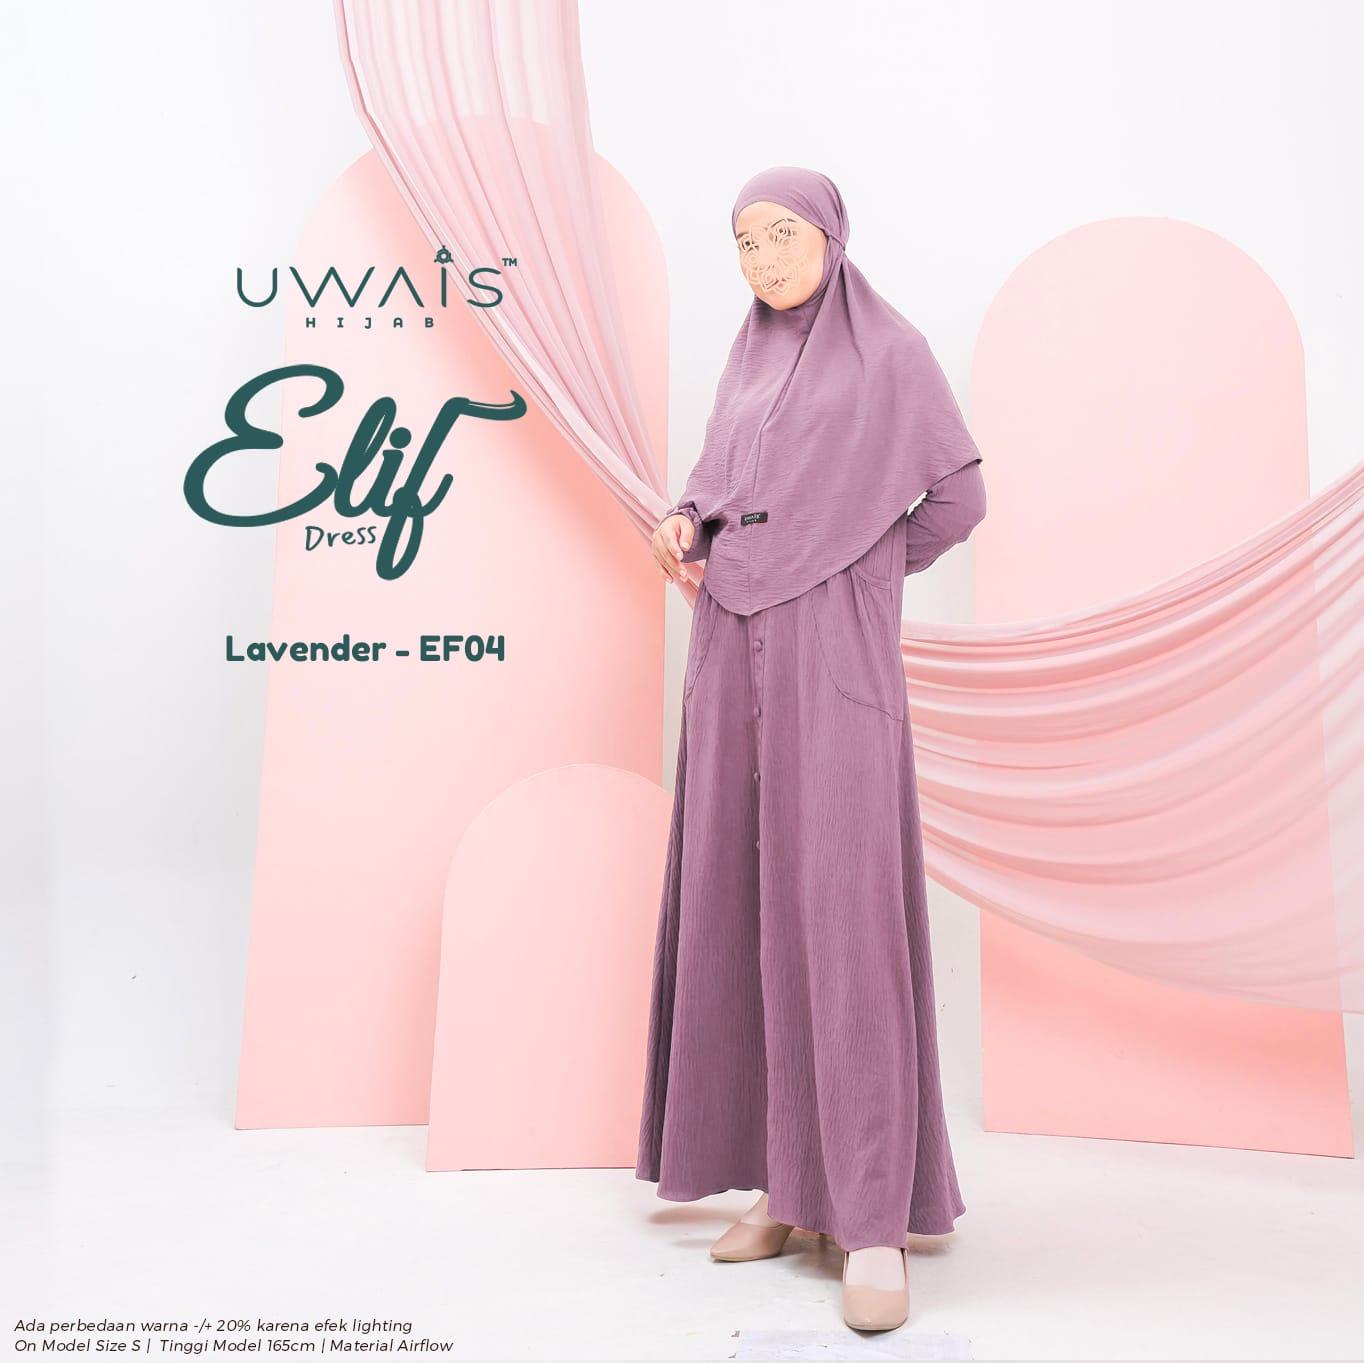 elif_dress_lavender